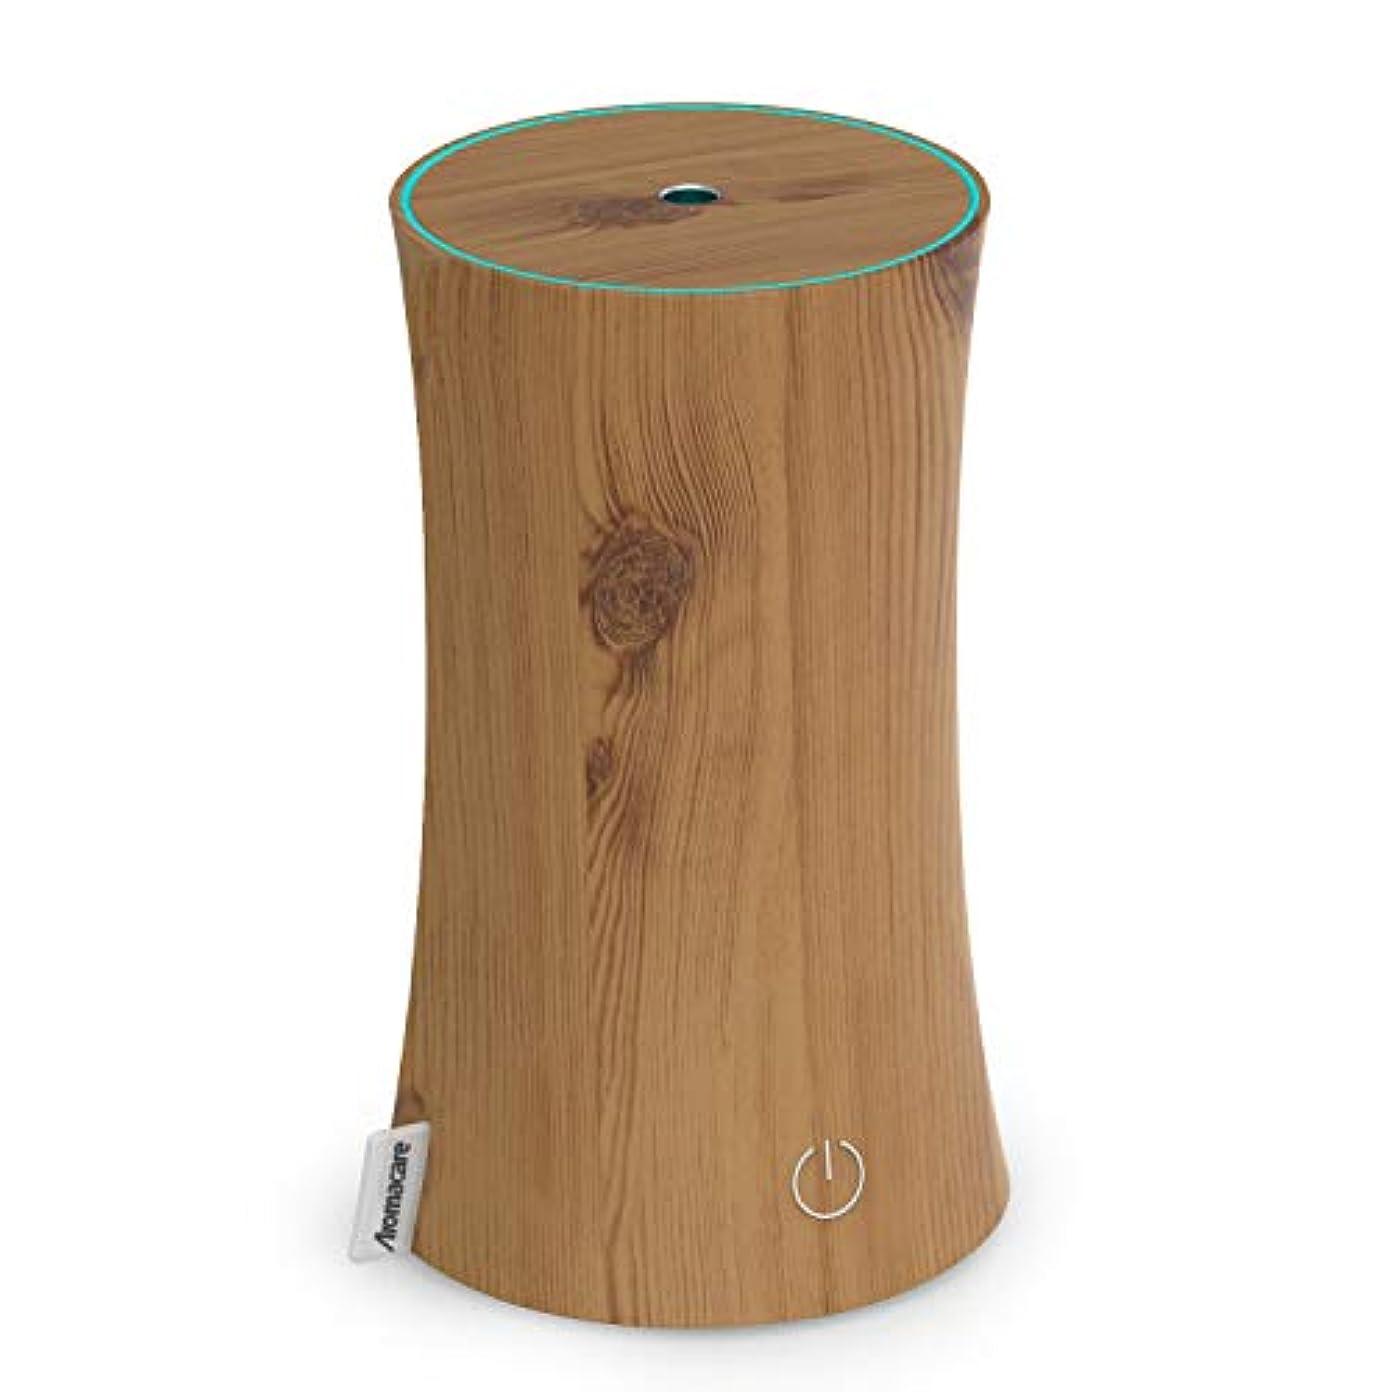 解凍する、雪解け、霜解け束ねるなんとなくアロマディフューザー 卓上加湿器 センサー付き 超音波式 空焚き防止 低騒音 300ml 連続運転 各場所用 省エネ 木目調 木の色